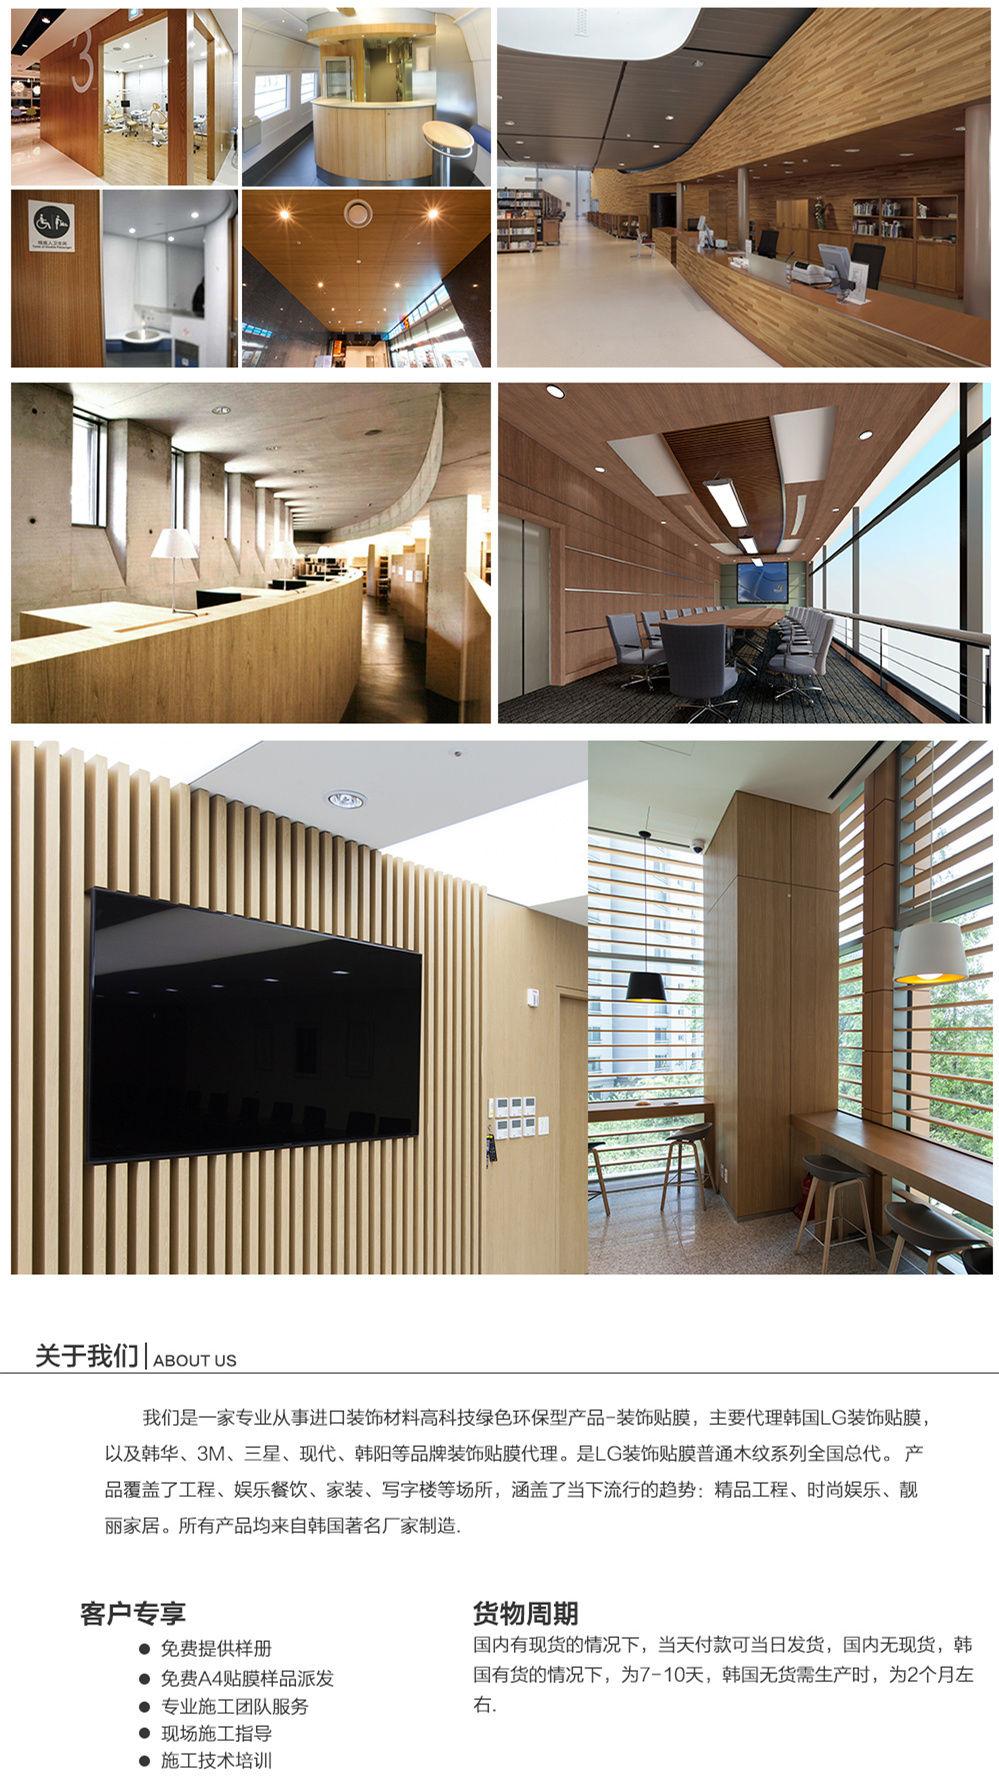 LG装饰贴膜CW EW427 韩国木纹装饰贴膜 进口LG装饰贴膜图片